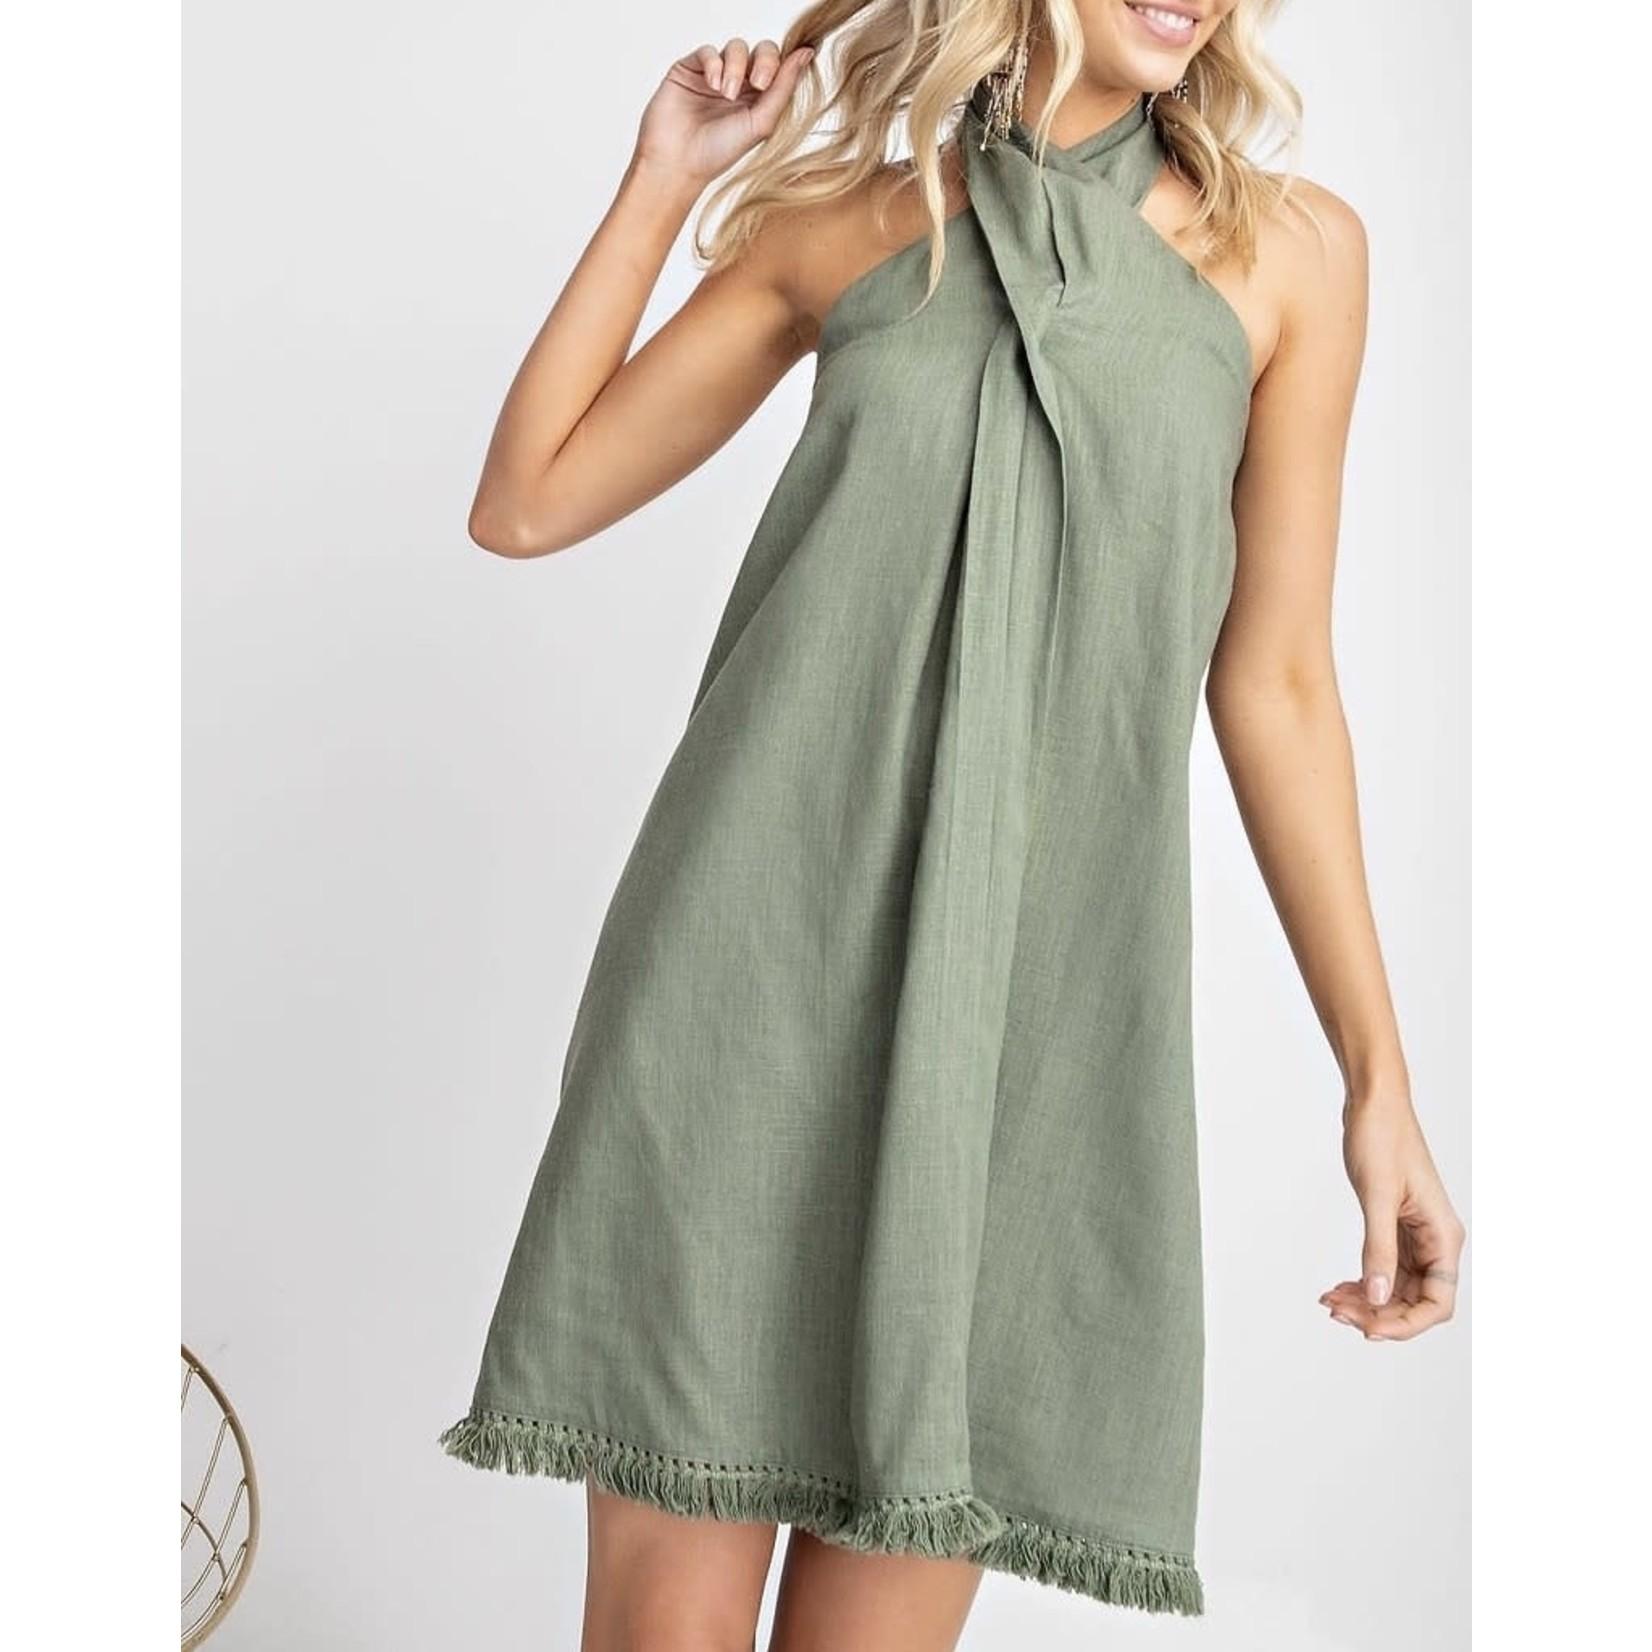 Easel Faded Olive Linen Halter Dress